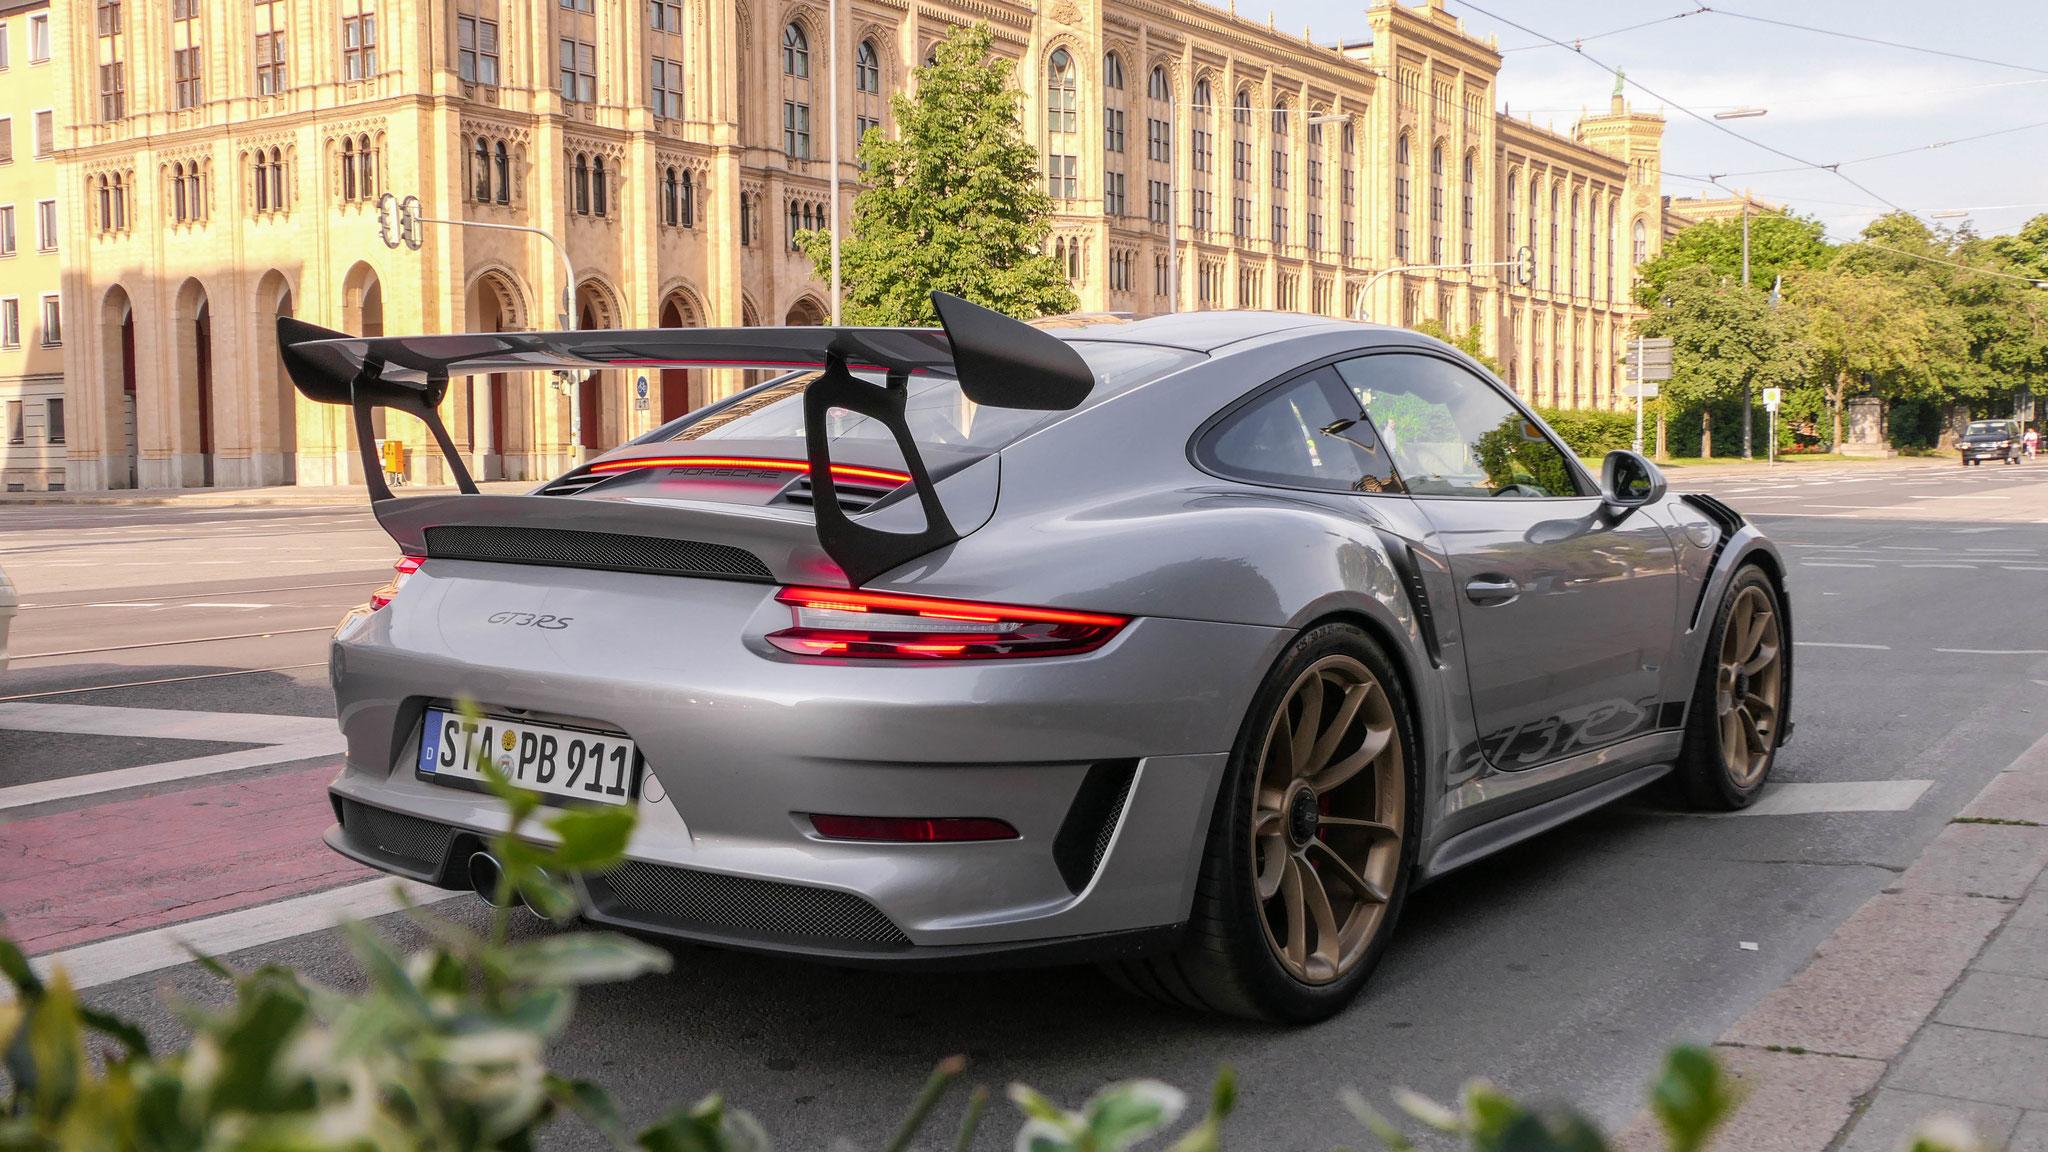 Porsche 911 991.2 GT3 RS - STA-PB-911